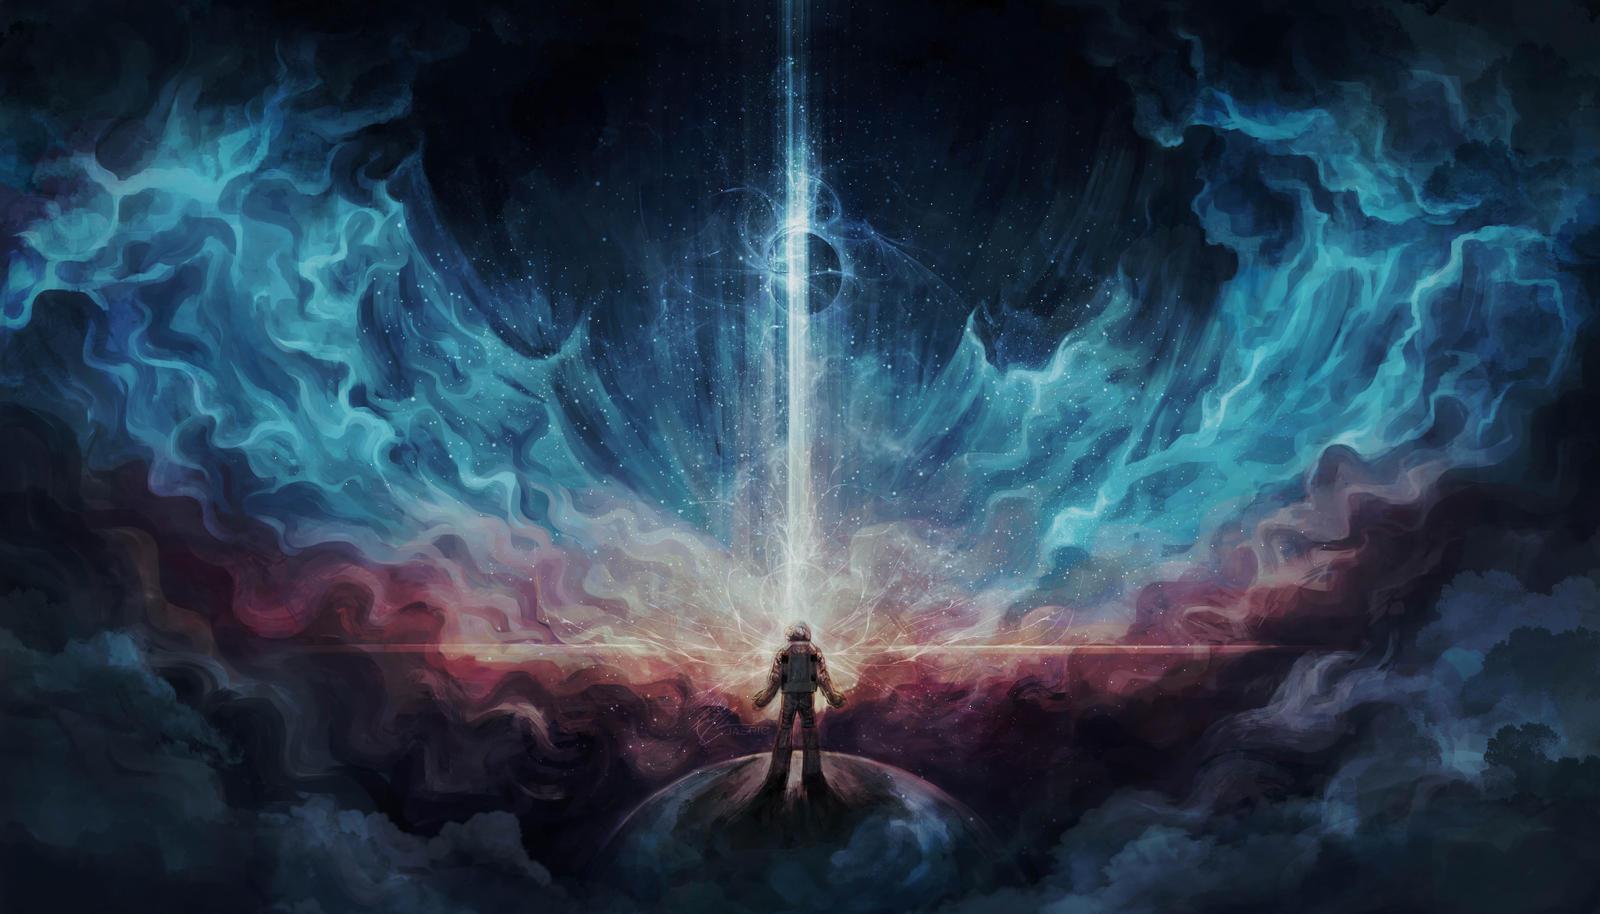 Pubg By Sodano On Deviantart: Interstellar By Jasric On DeviantArt